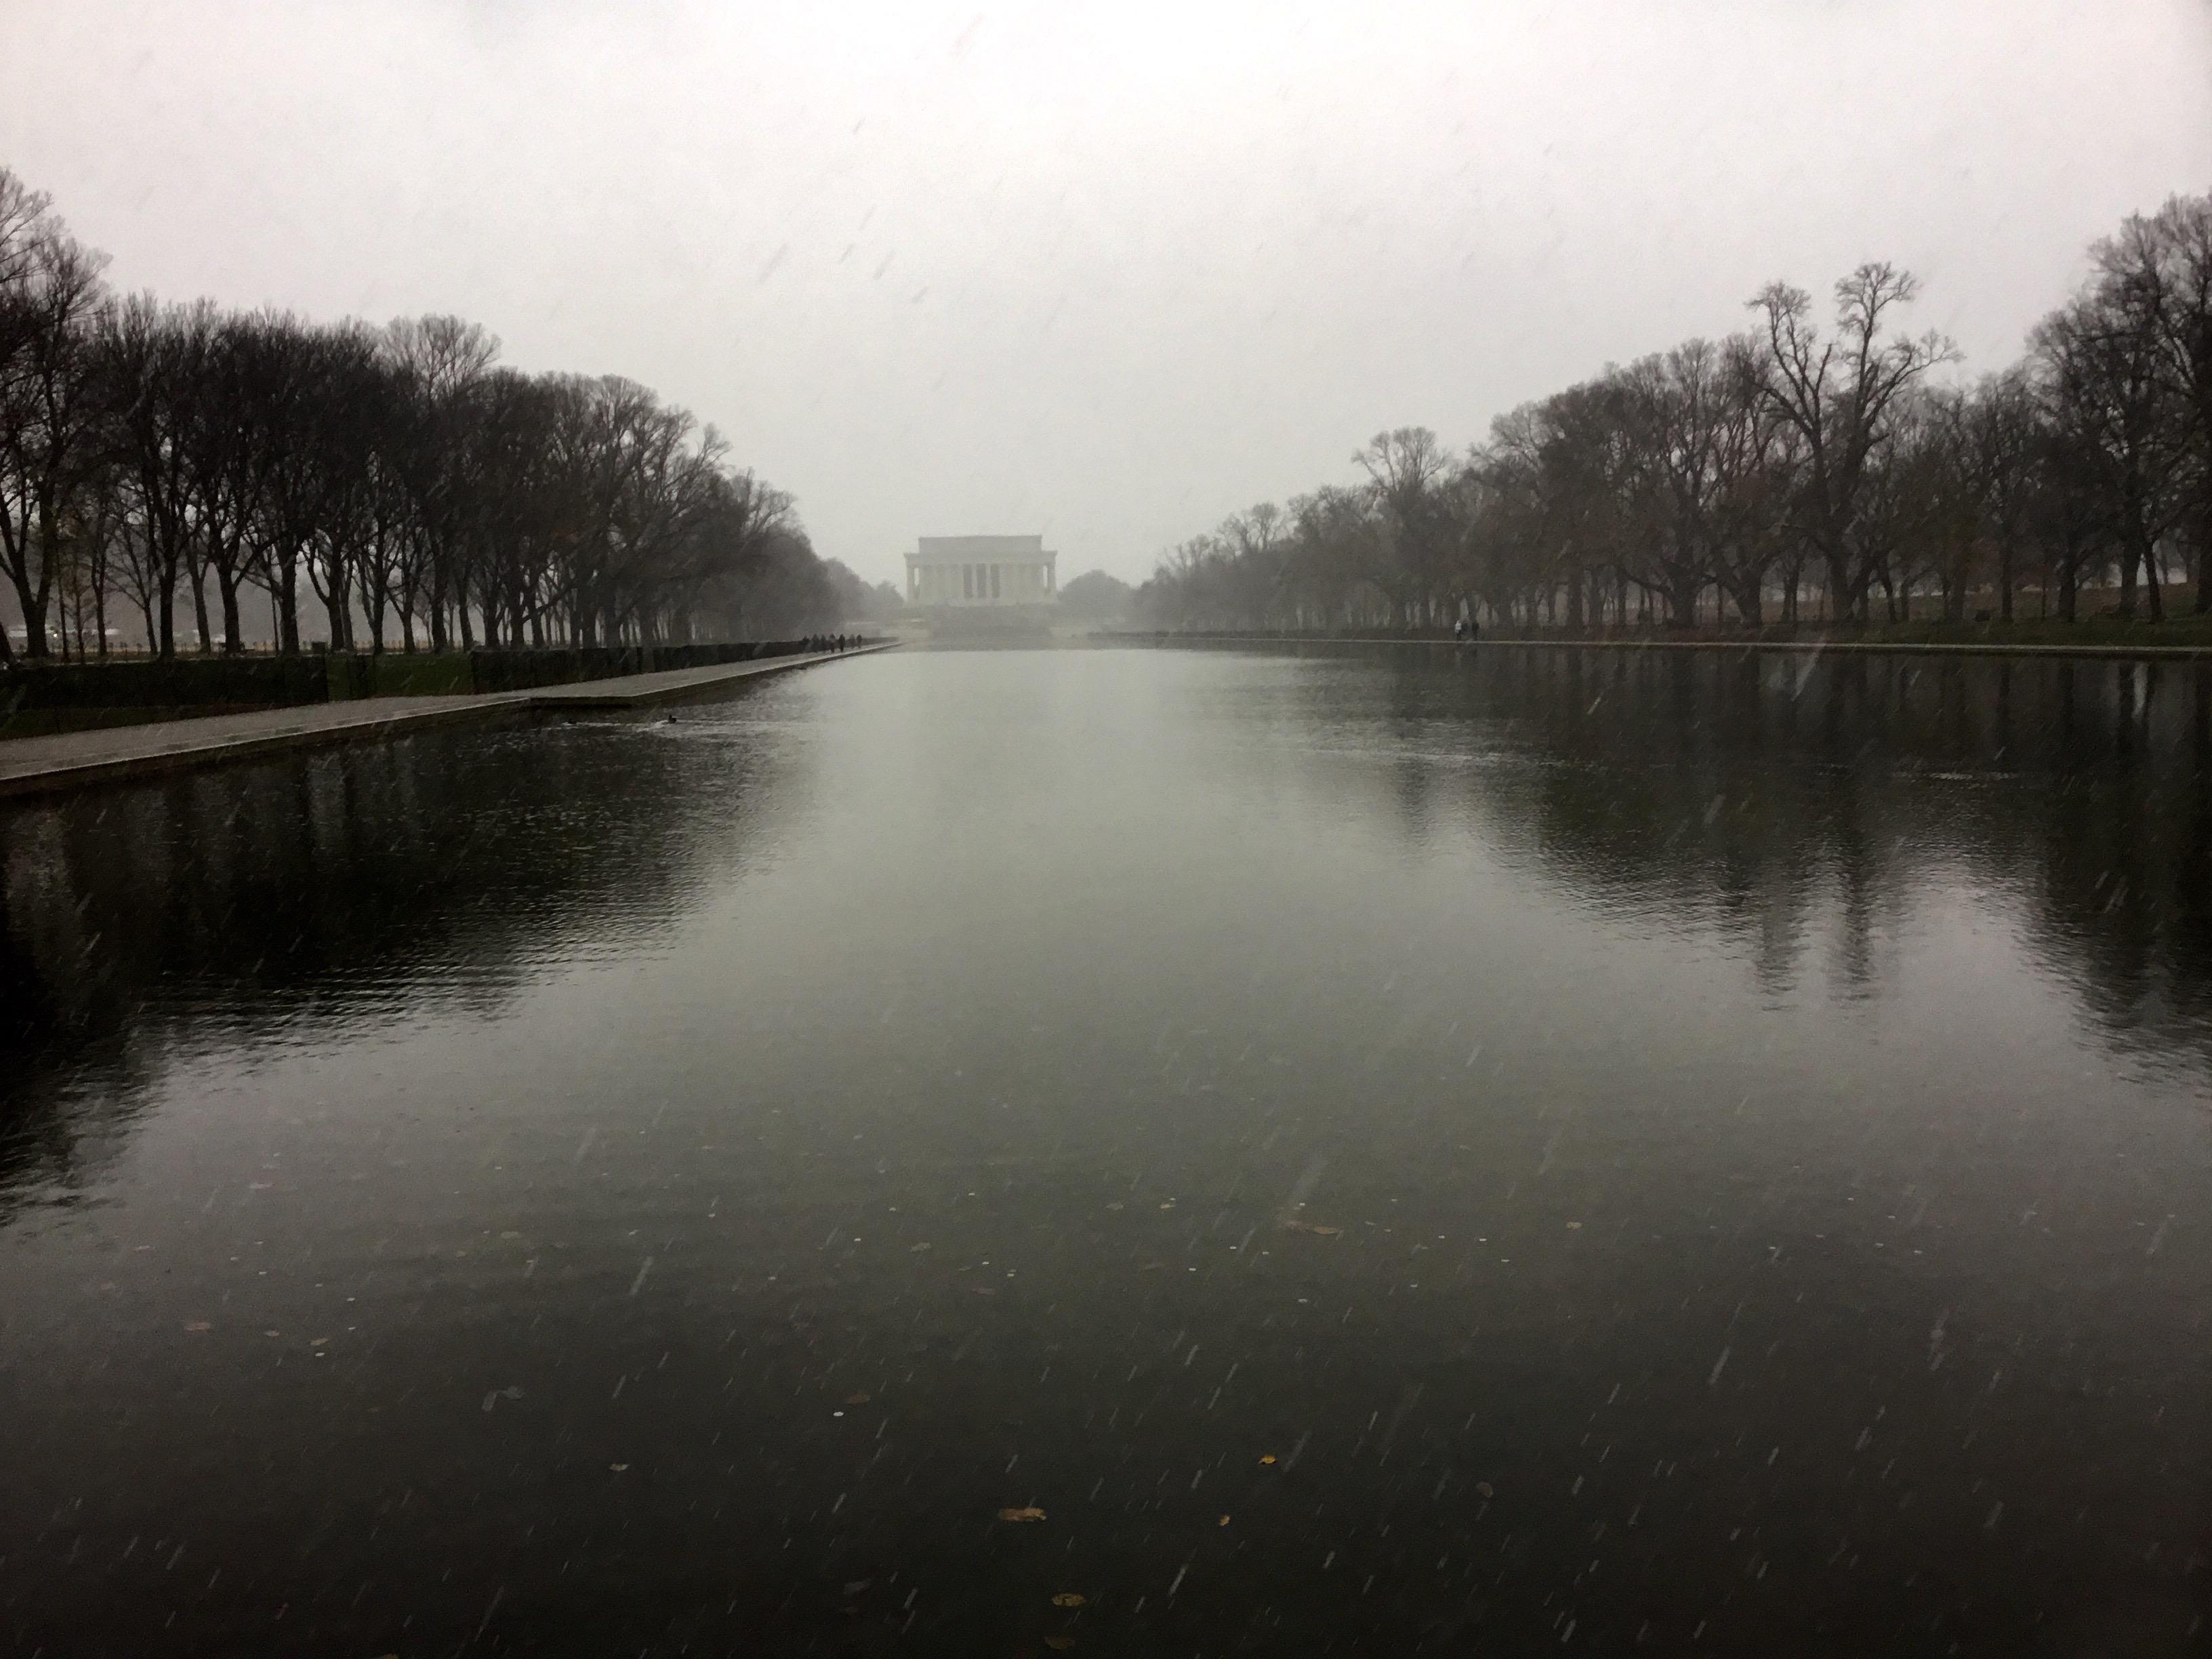 First snow of the season, Washington, DC